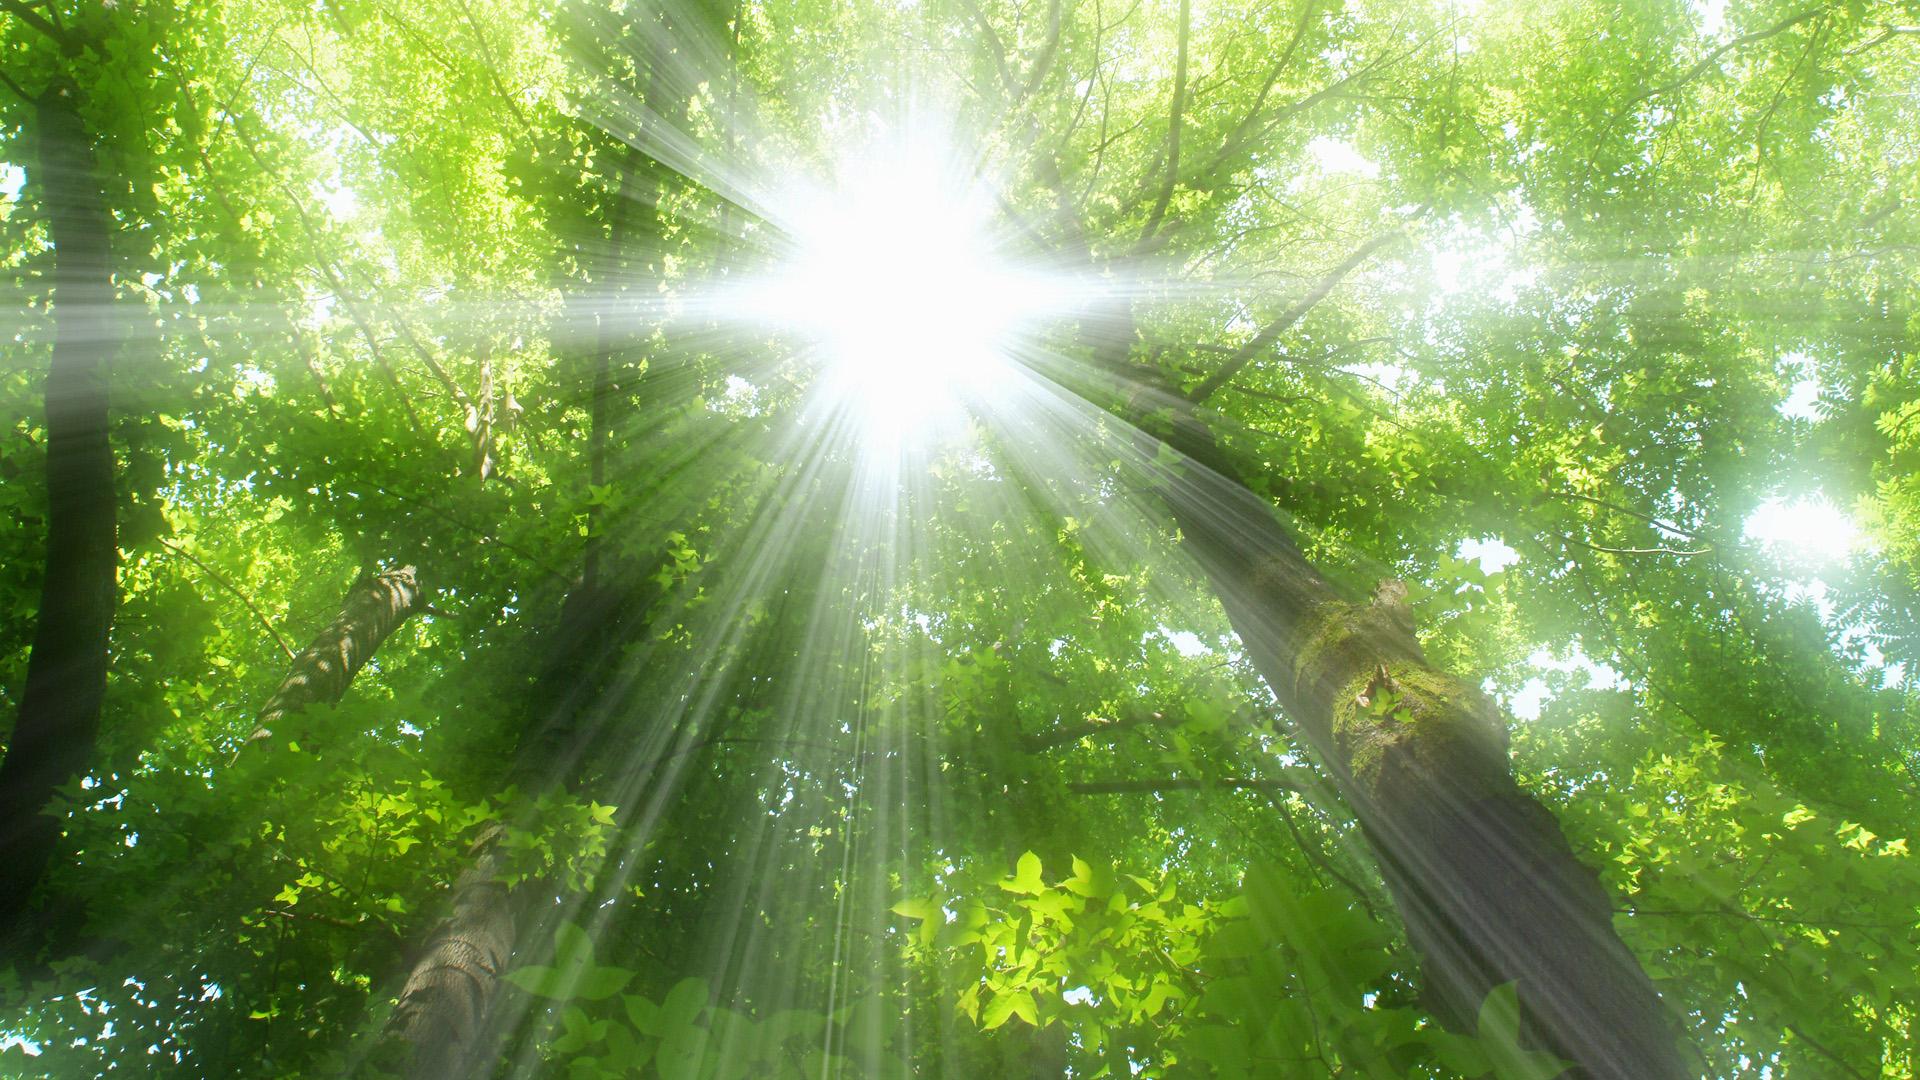 Лучи света сквозь листья  № 3096092 бесплатно